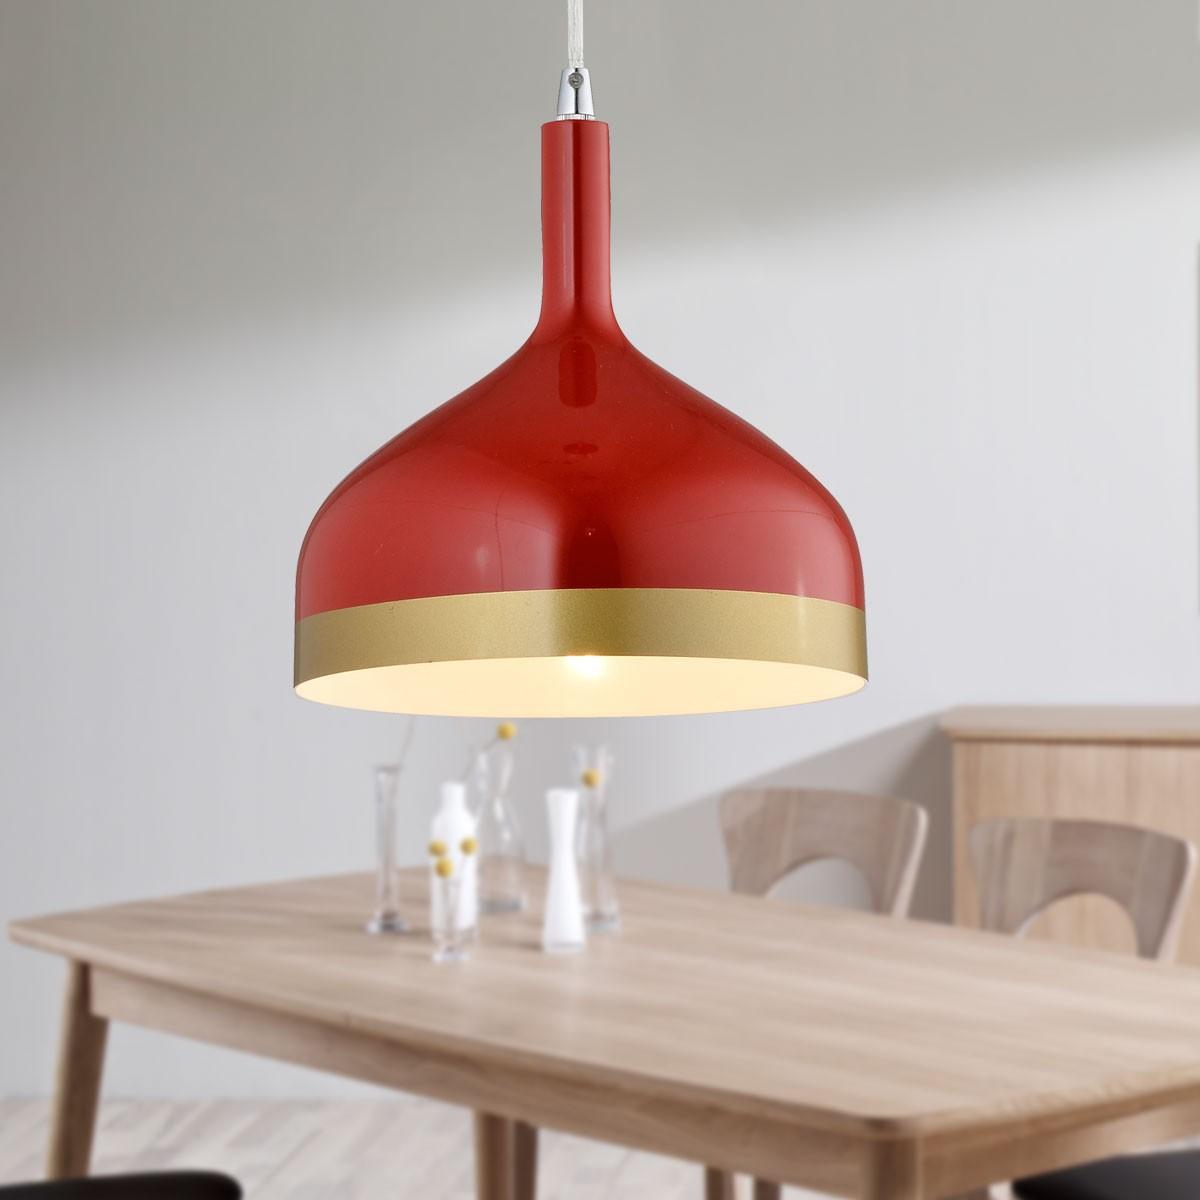 1-Light Red Aluminum Modern Pendant Light (HKP31439-1)